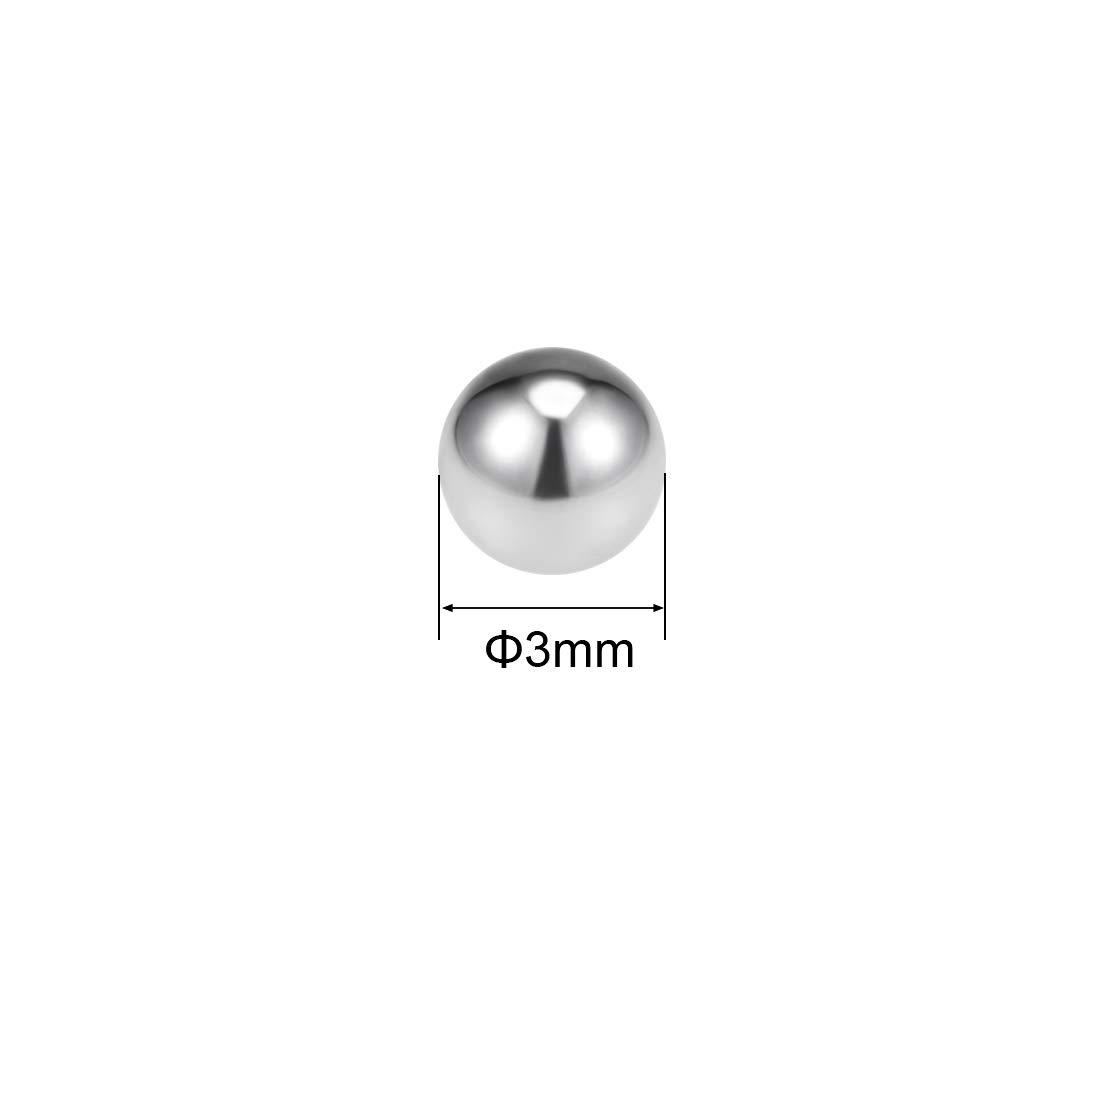 1000 piezas sourcing map 2mm-5mm Rodamientos Bolas 304 Acero Inoxidable G200 Precisi/ón Bolas 3 mm